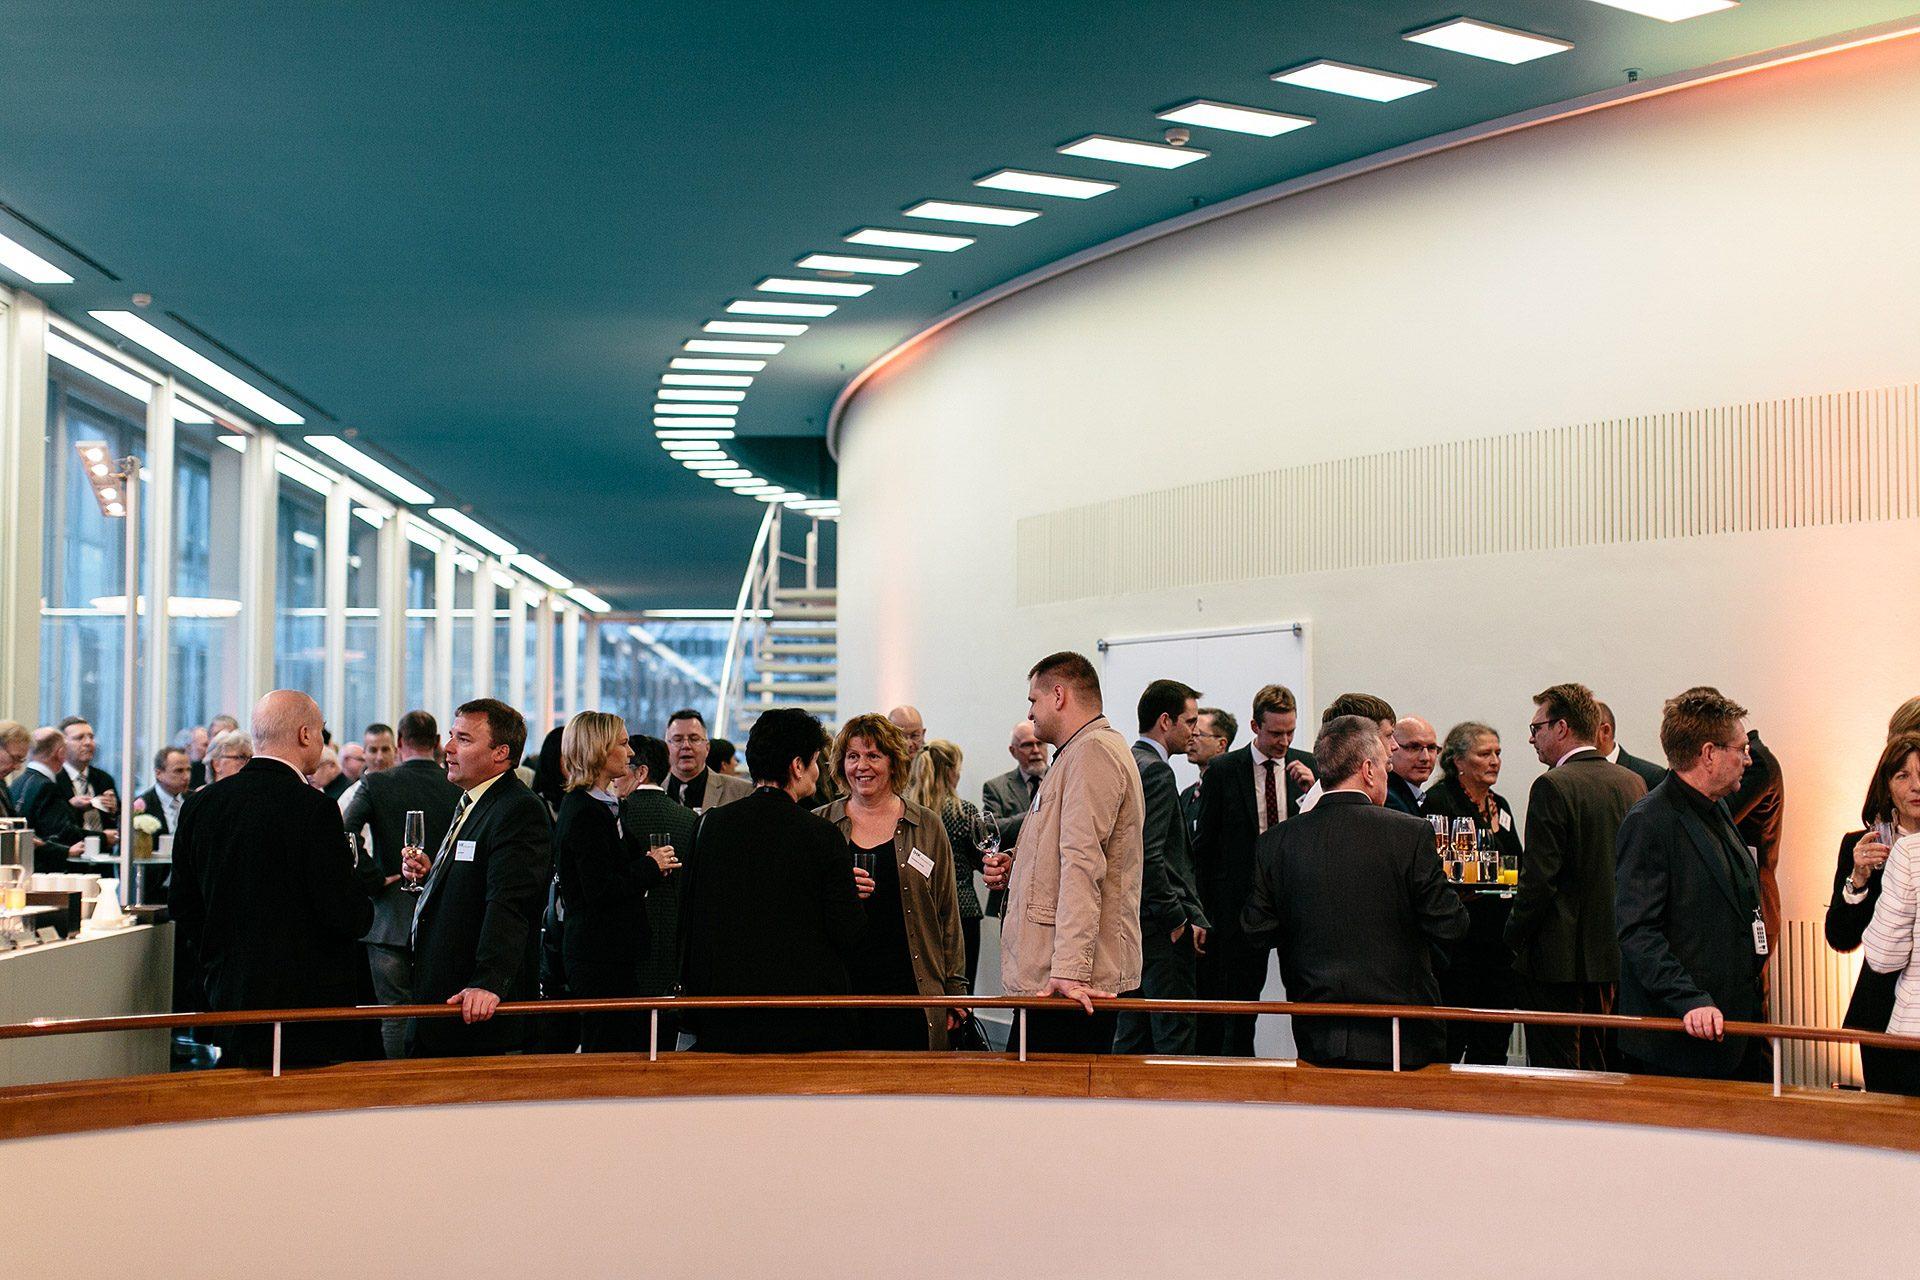 Eventfotograf in Darmstadt ©Offenblende